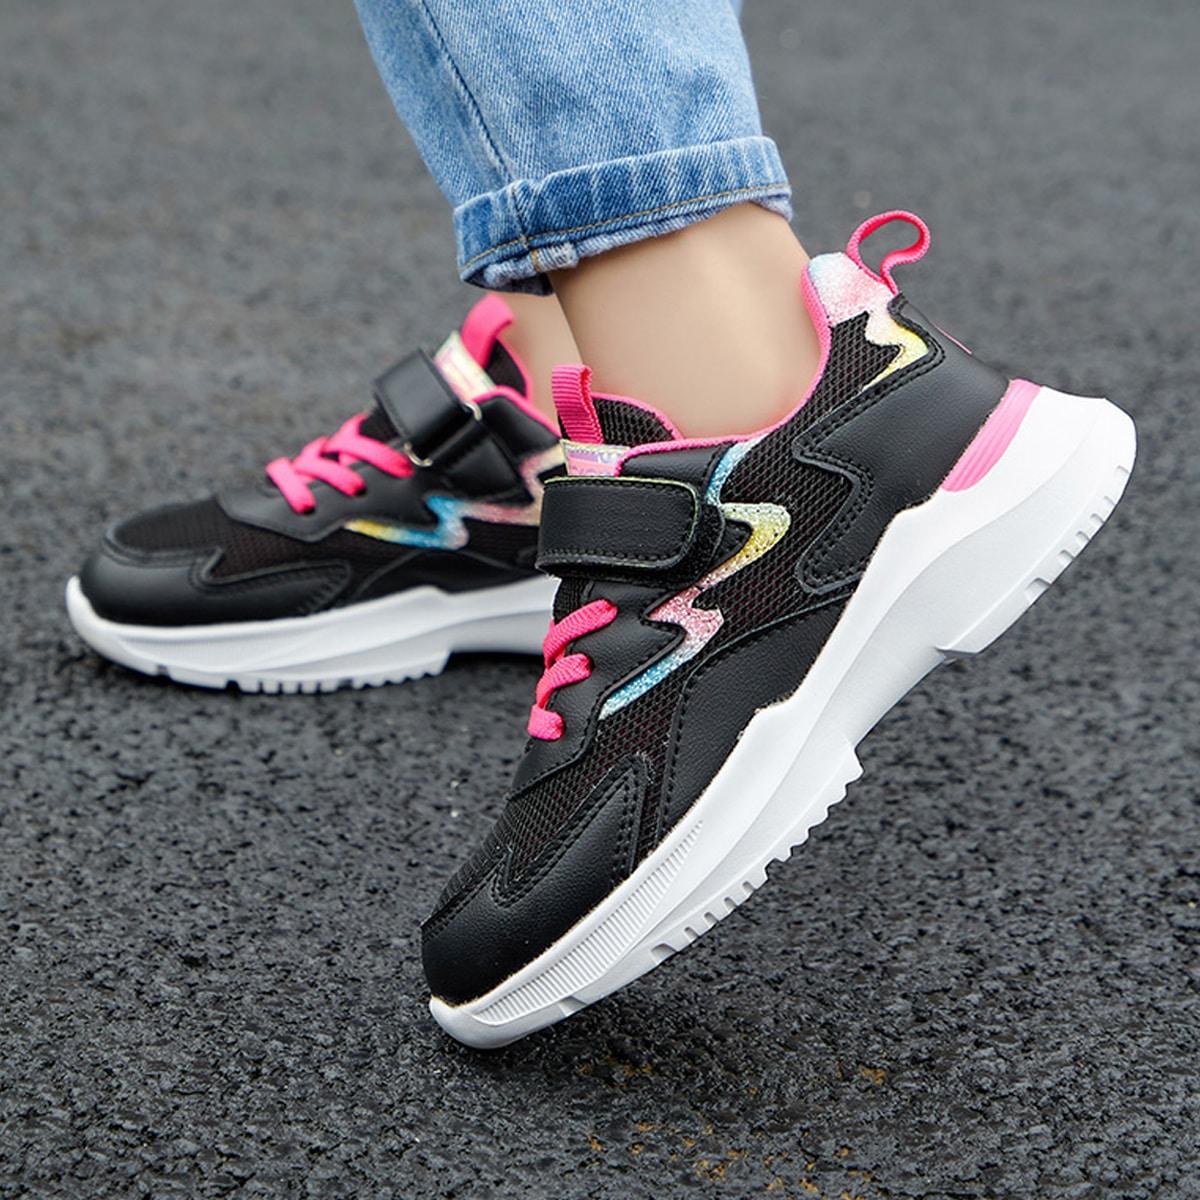 Сетчатые кроссовки на липучке для девочек SheIn sk2106232822685186